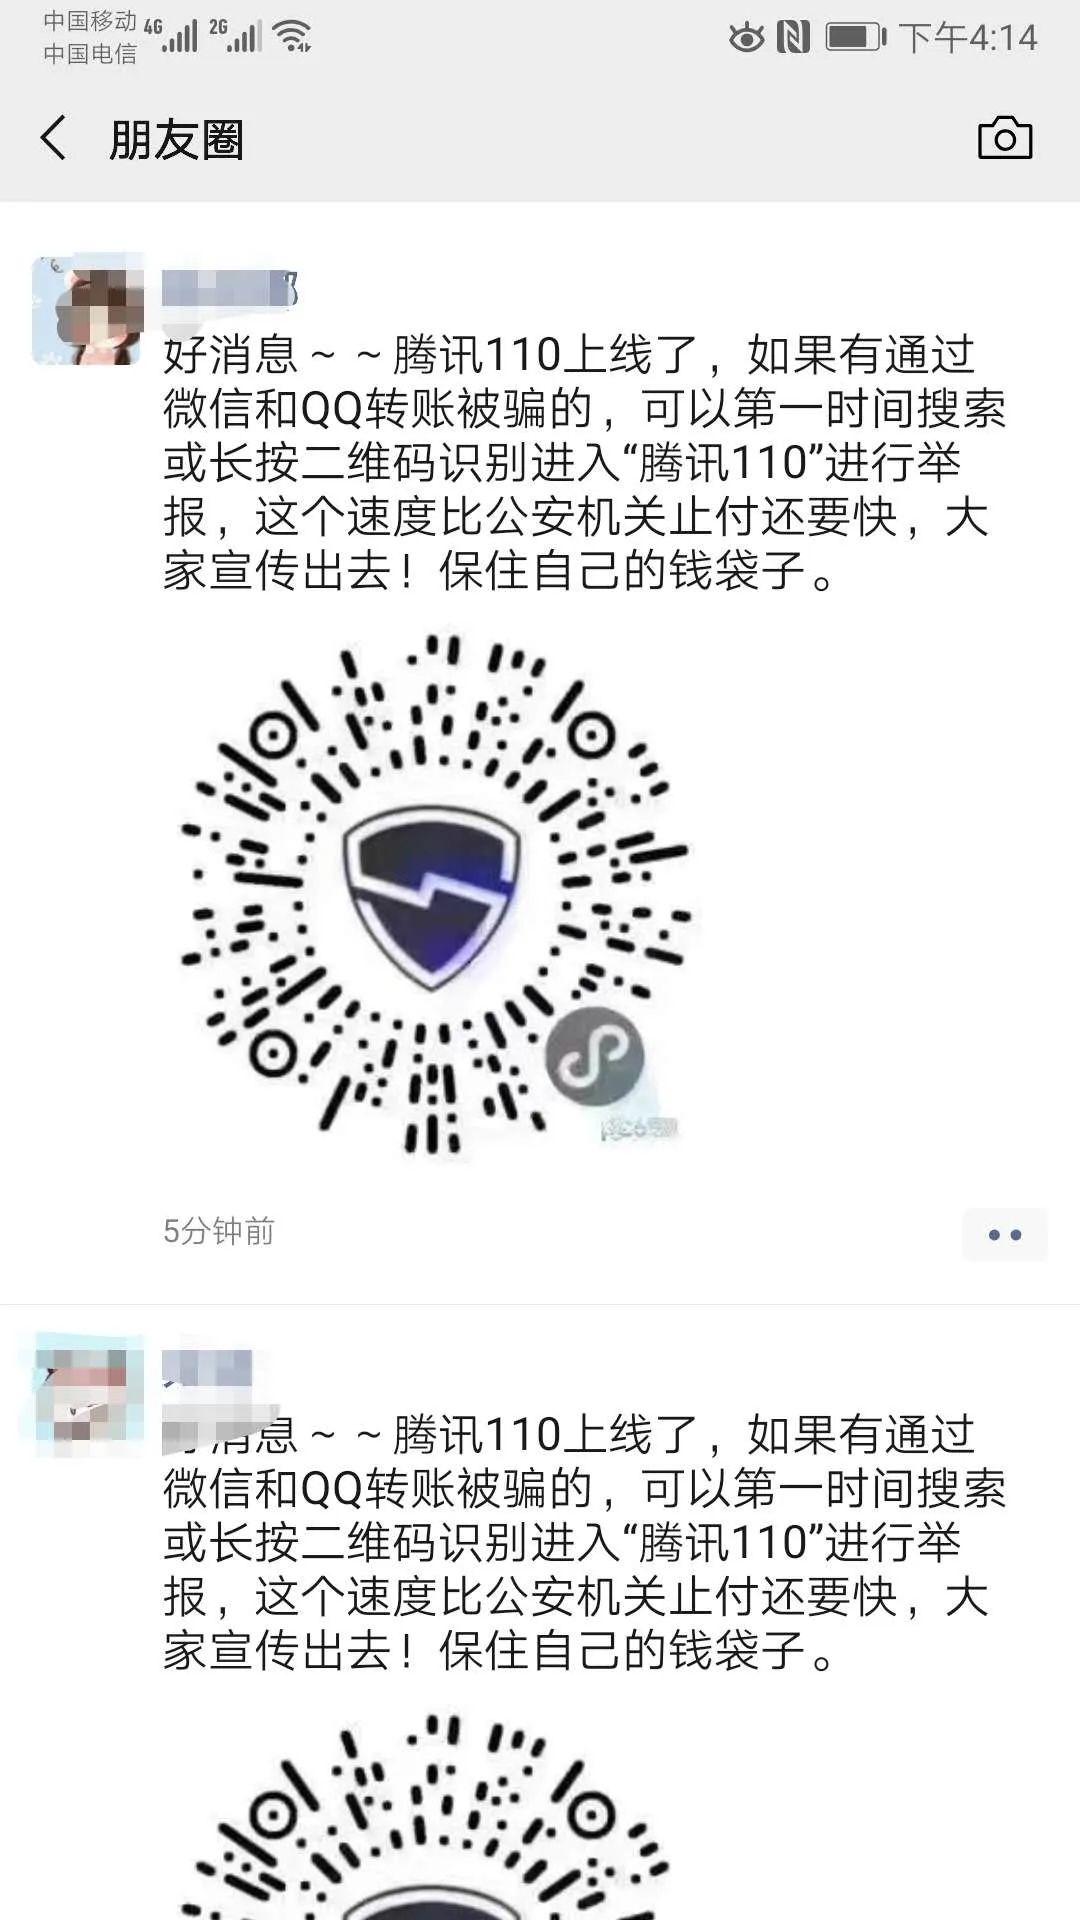 【101.9丨辟謠】別再朋友圈瘋傳騰訊110上線了_消息